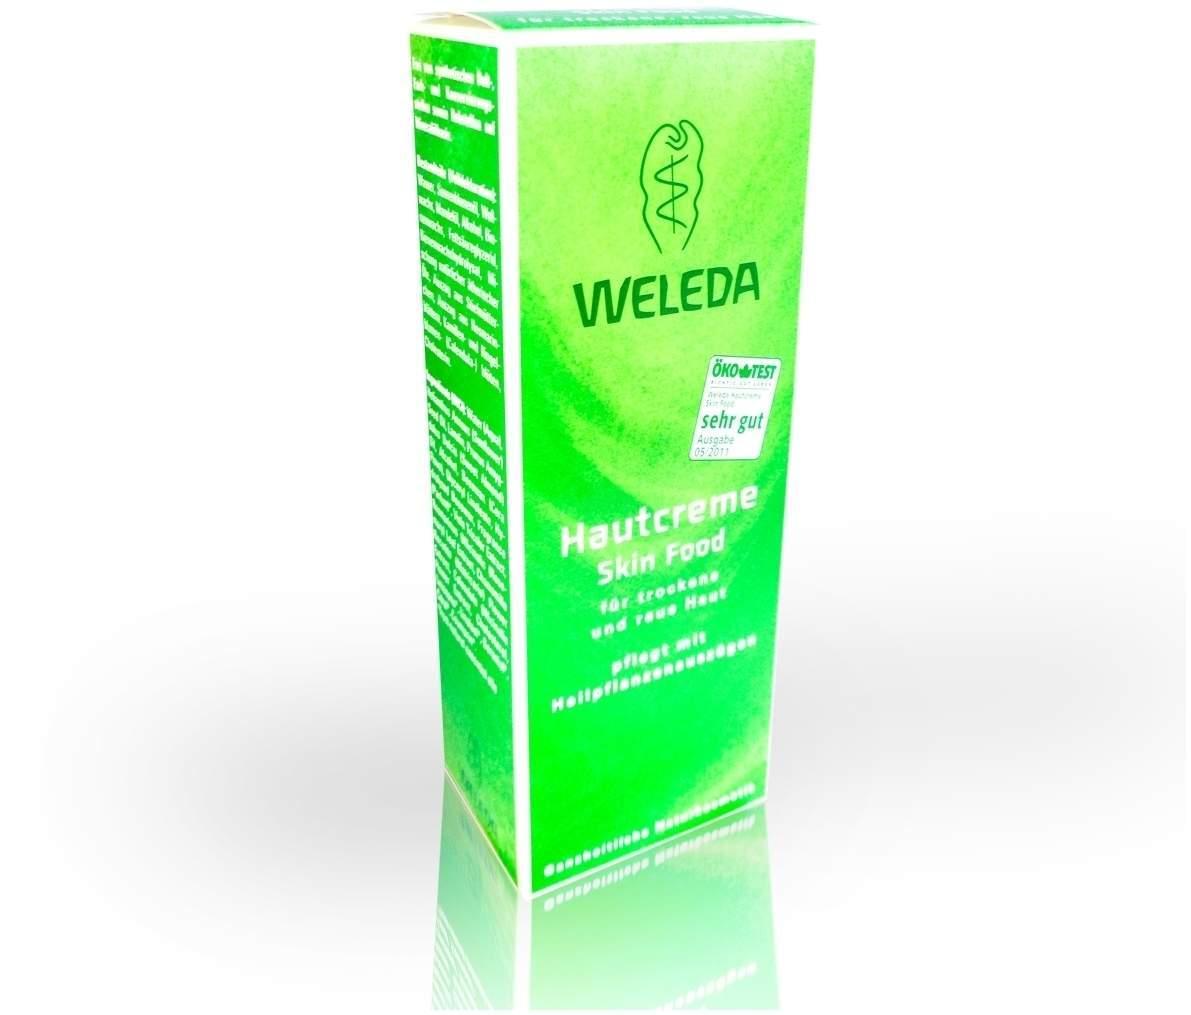 Weleda Skin Food 75 ml Hautcreme